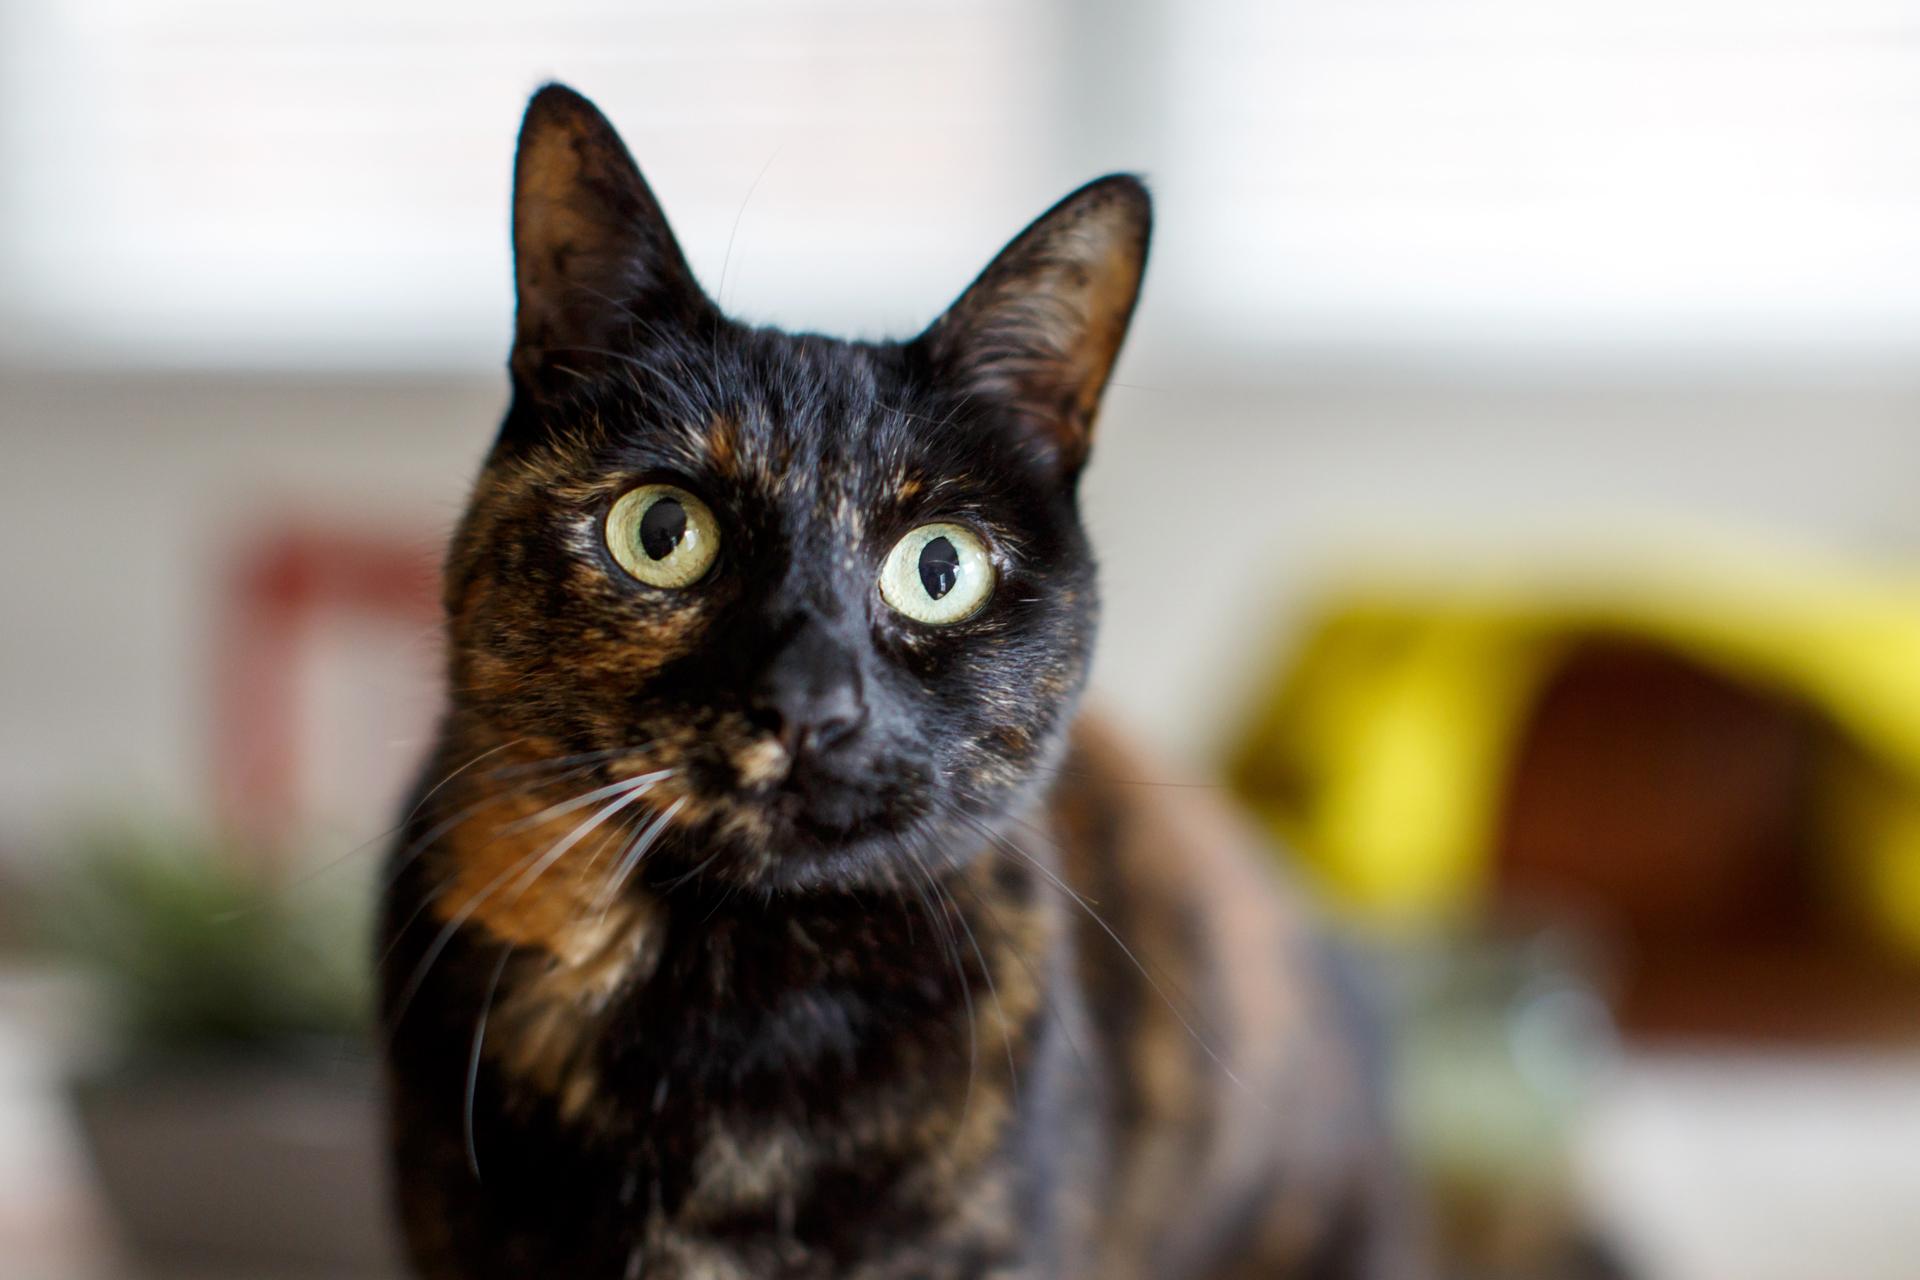 toroiseshell-cat-portrait